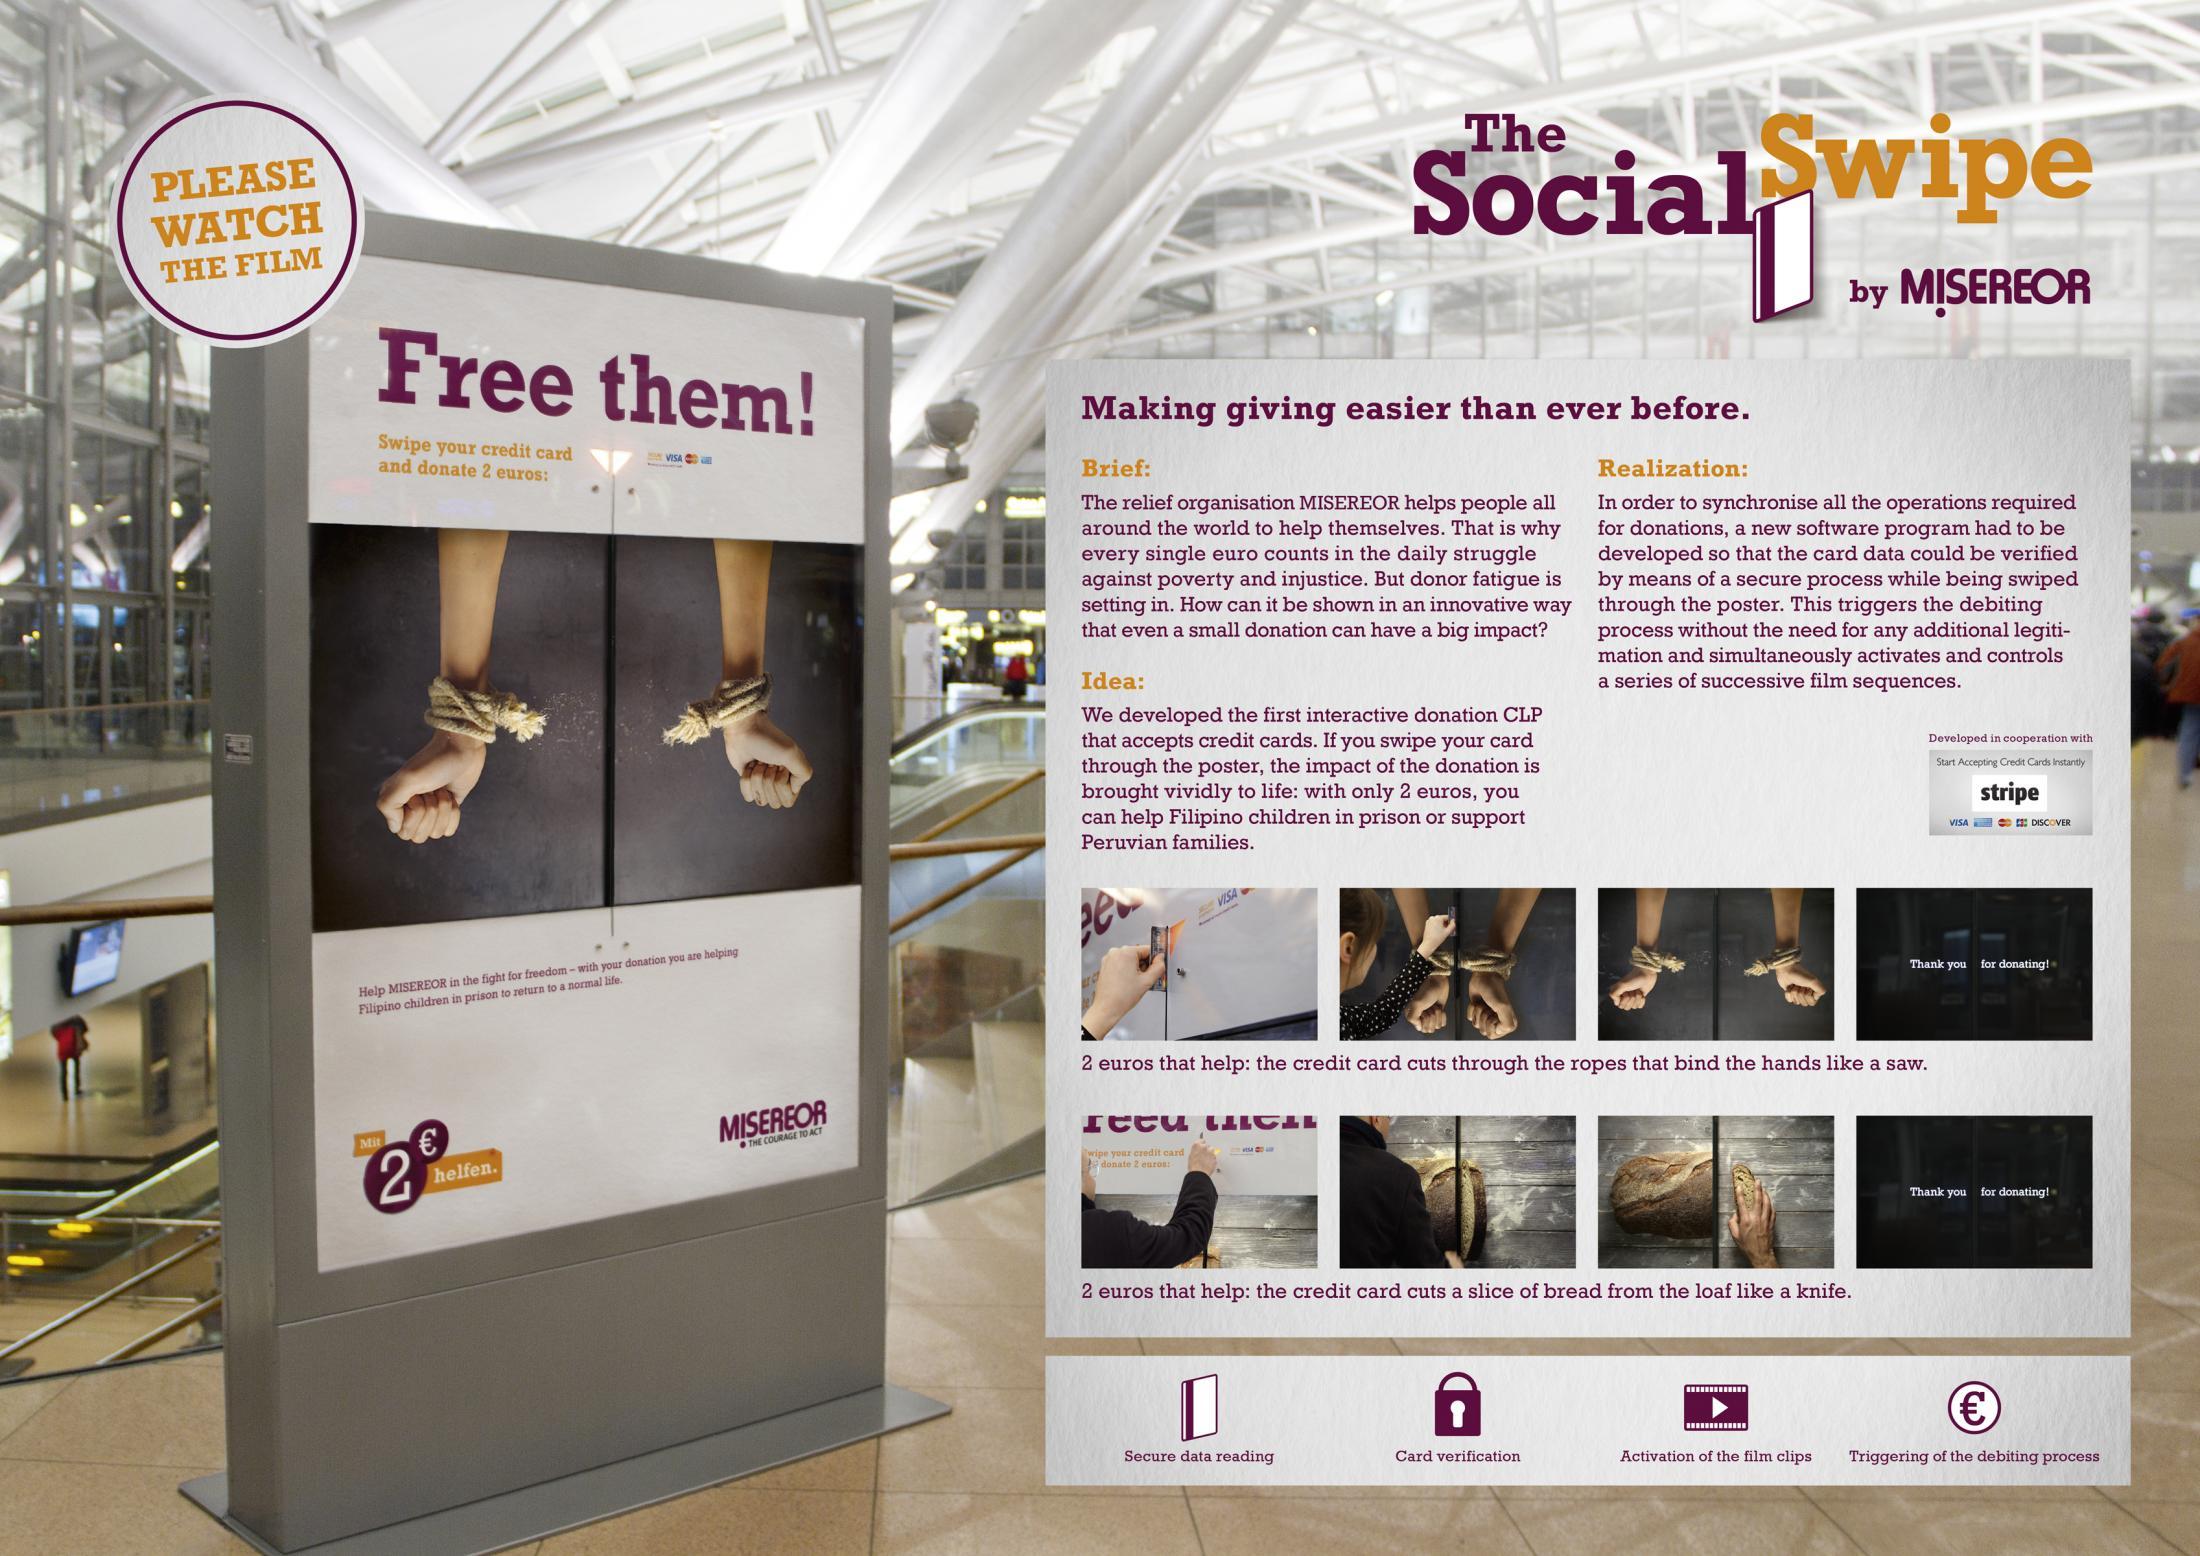 Thumbnail for The Social Swipe